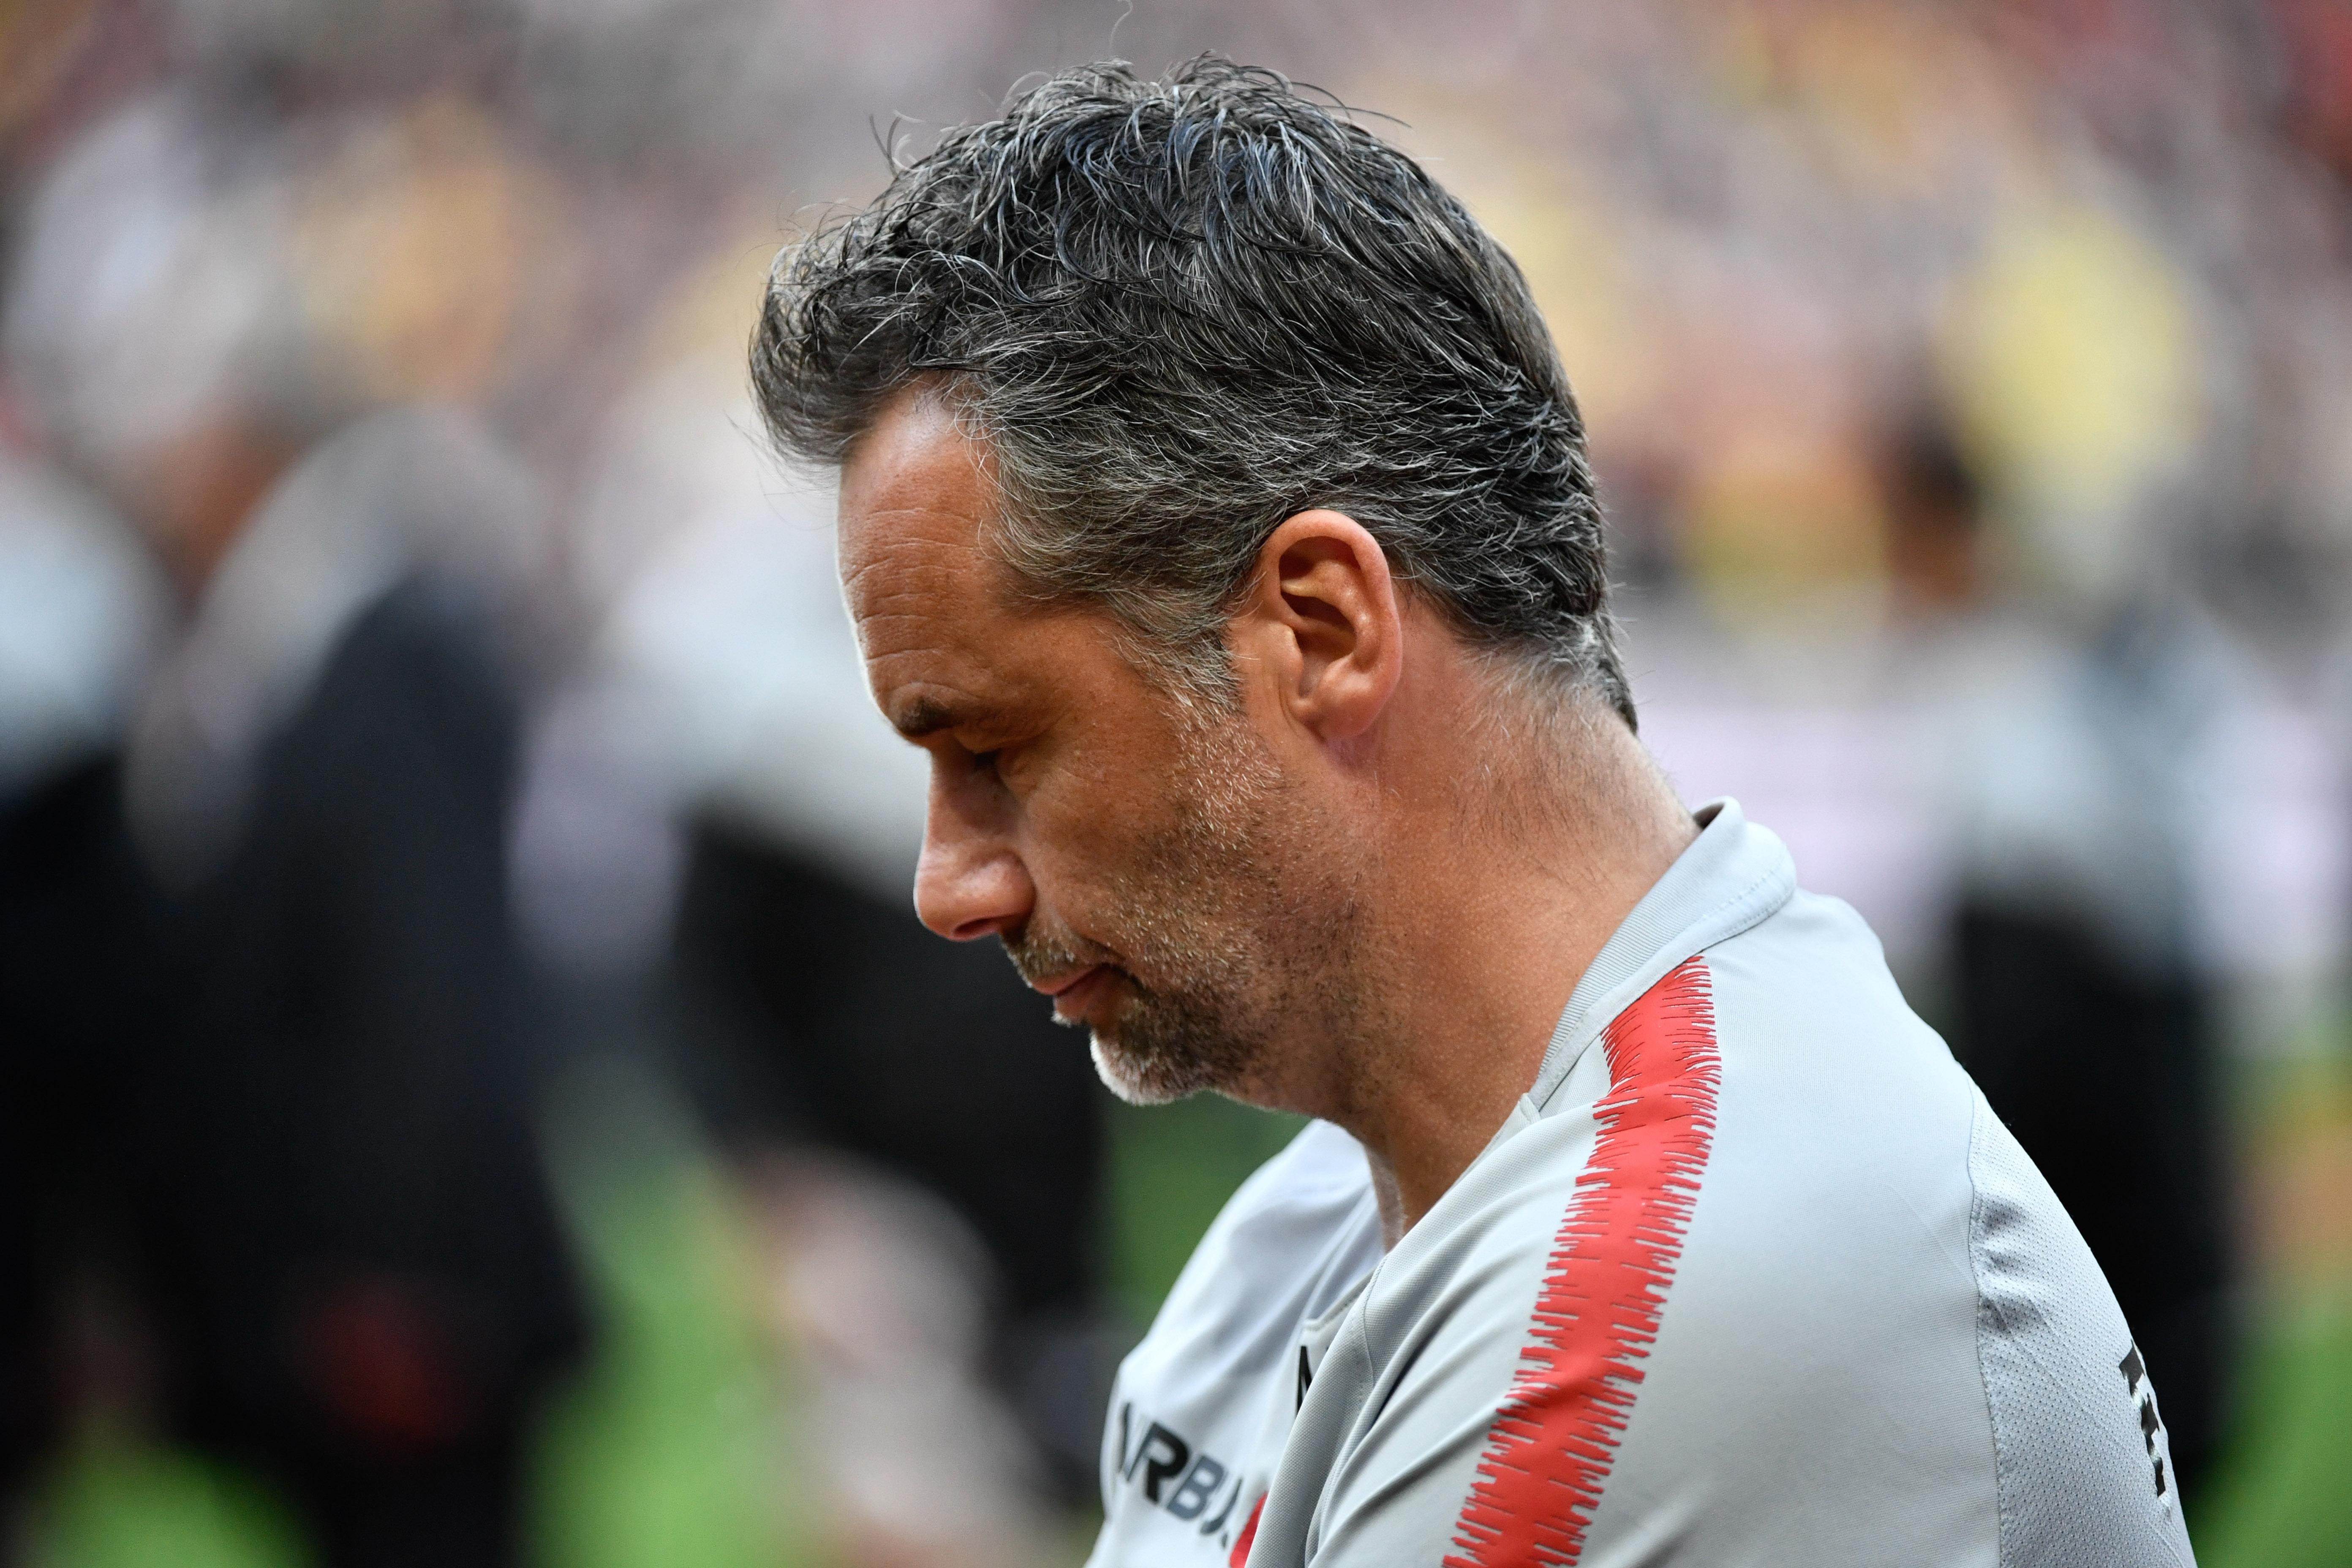 Rugby - Top 14 - L'effectif amoindri du Stade Toulousain inquiète Mola